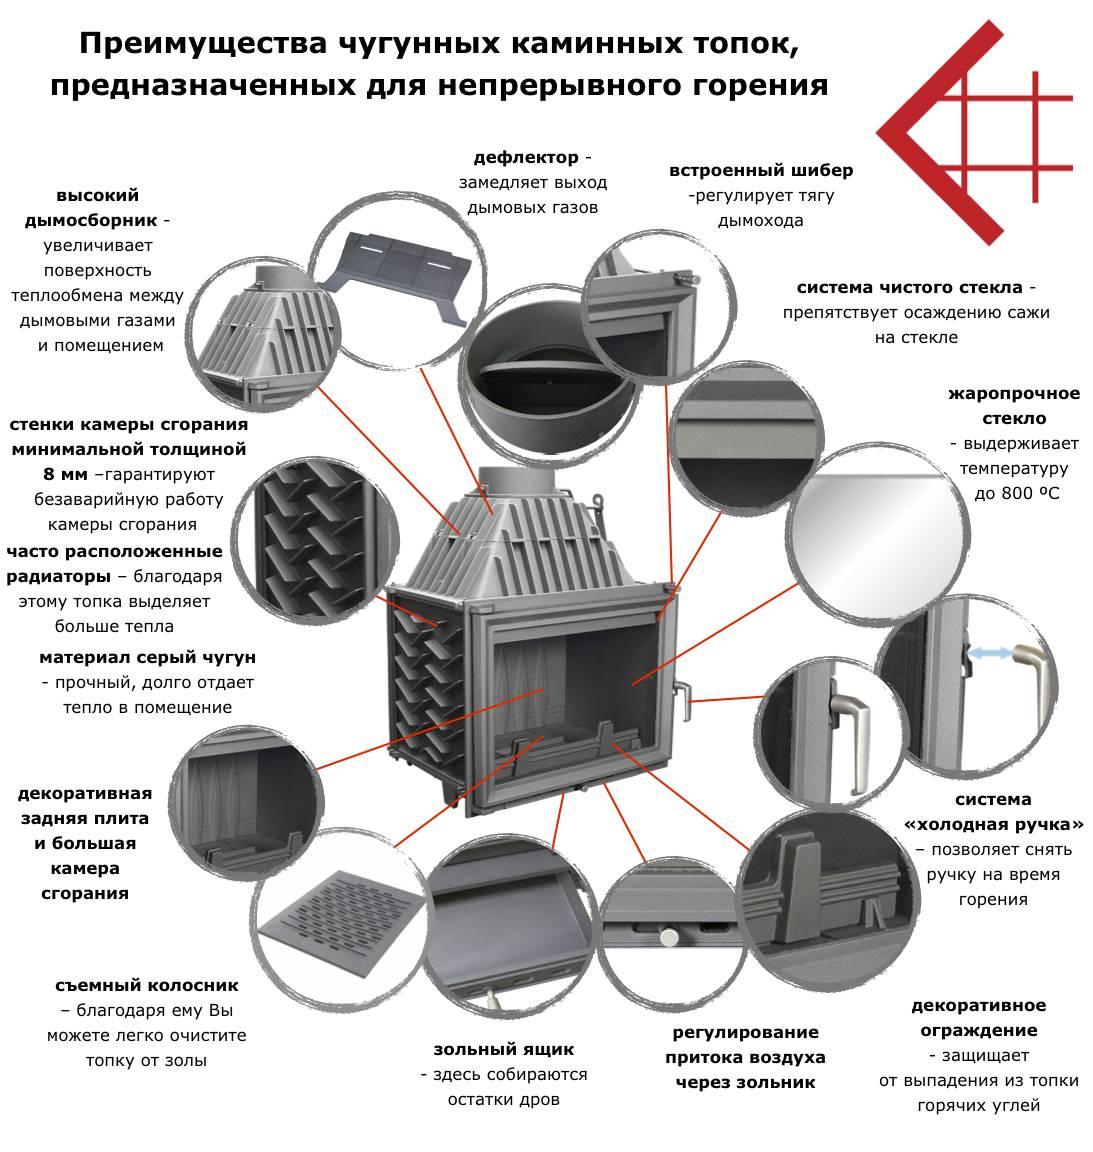 Чугунная топка для камина (53 фото): как сделать своими руками, производства россии и других стран, устройство и принцип работы